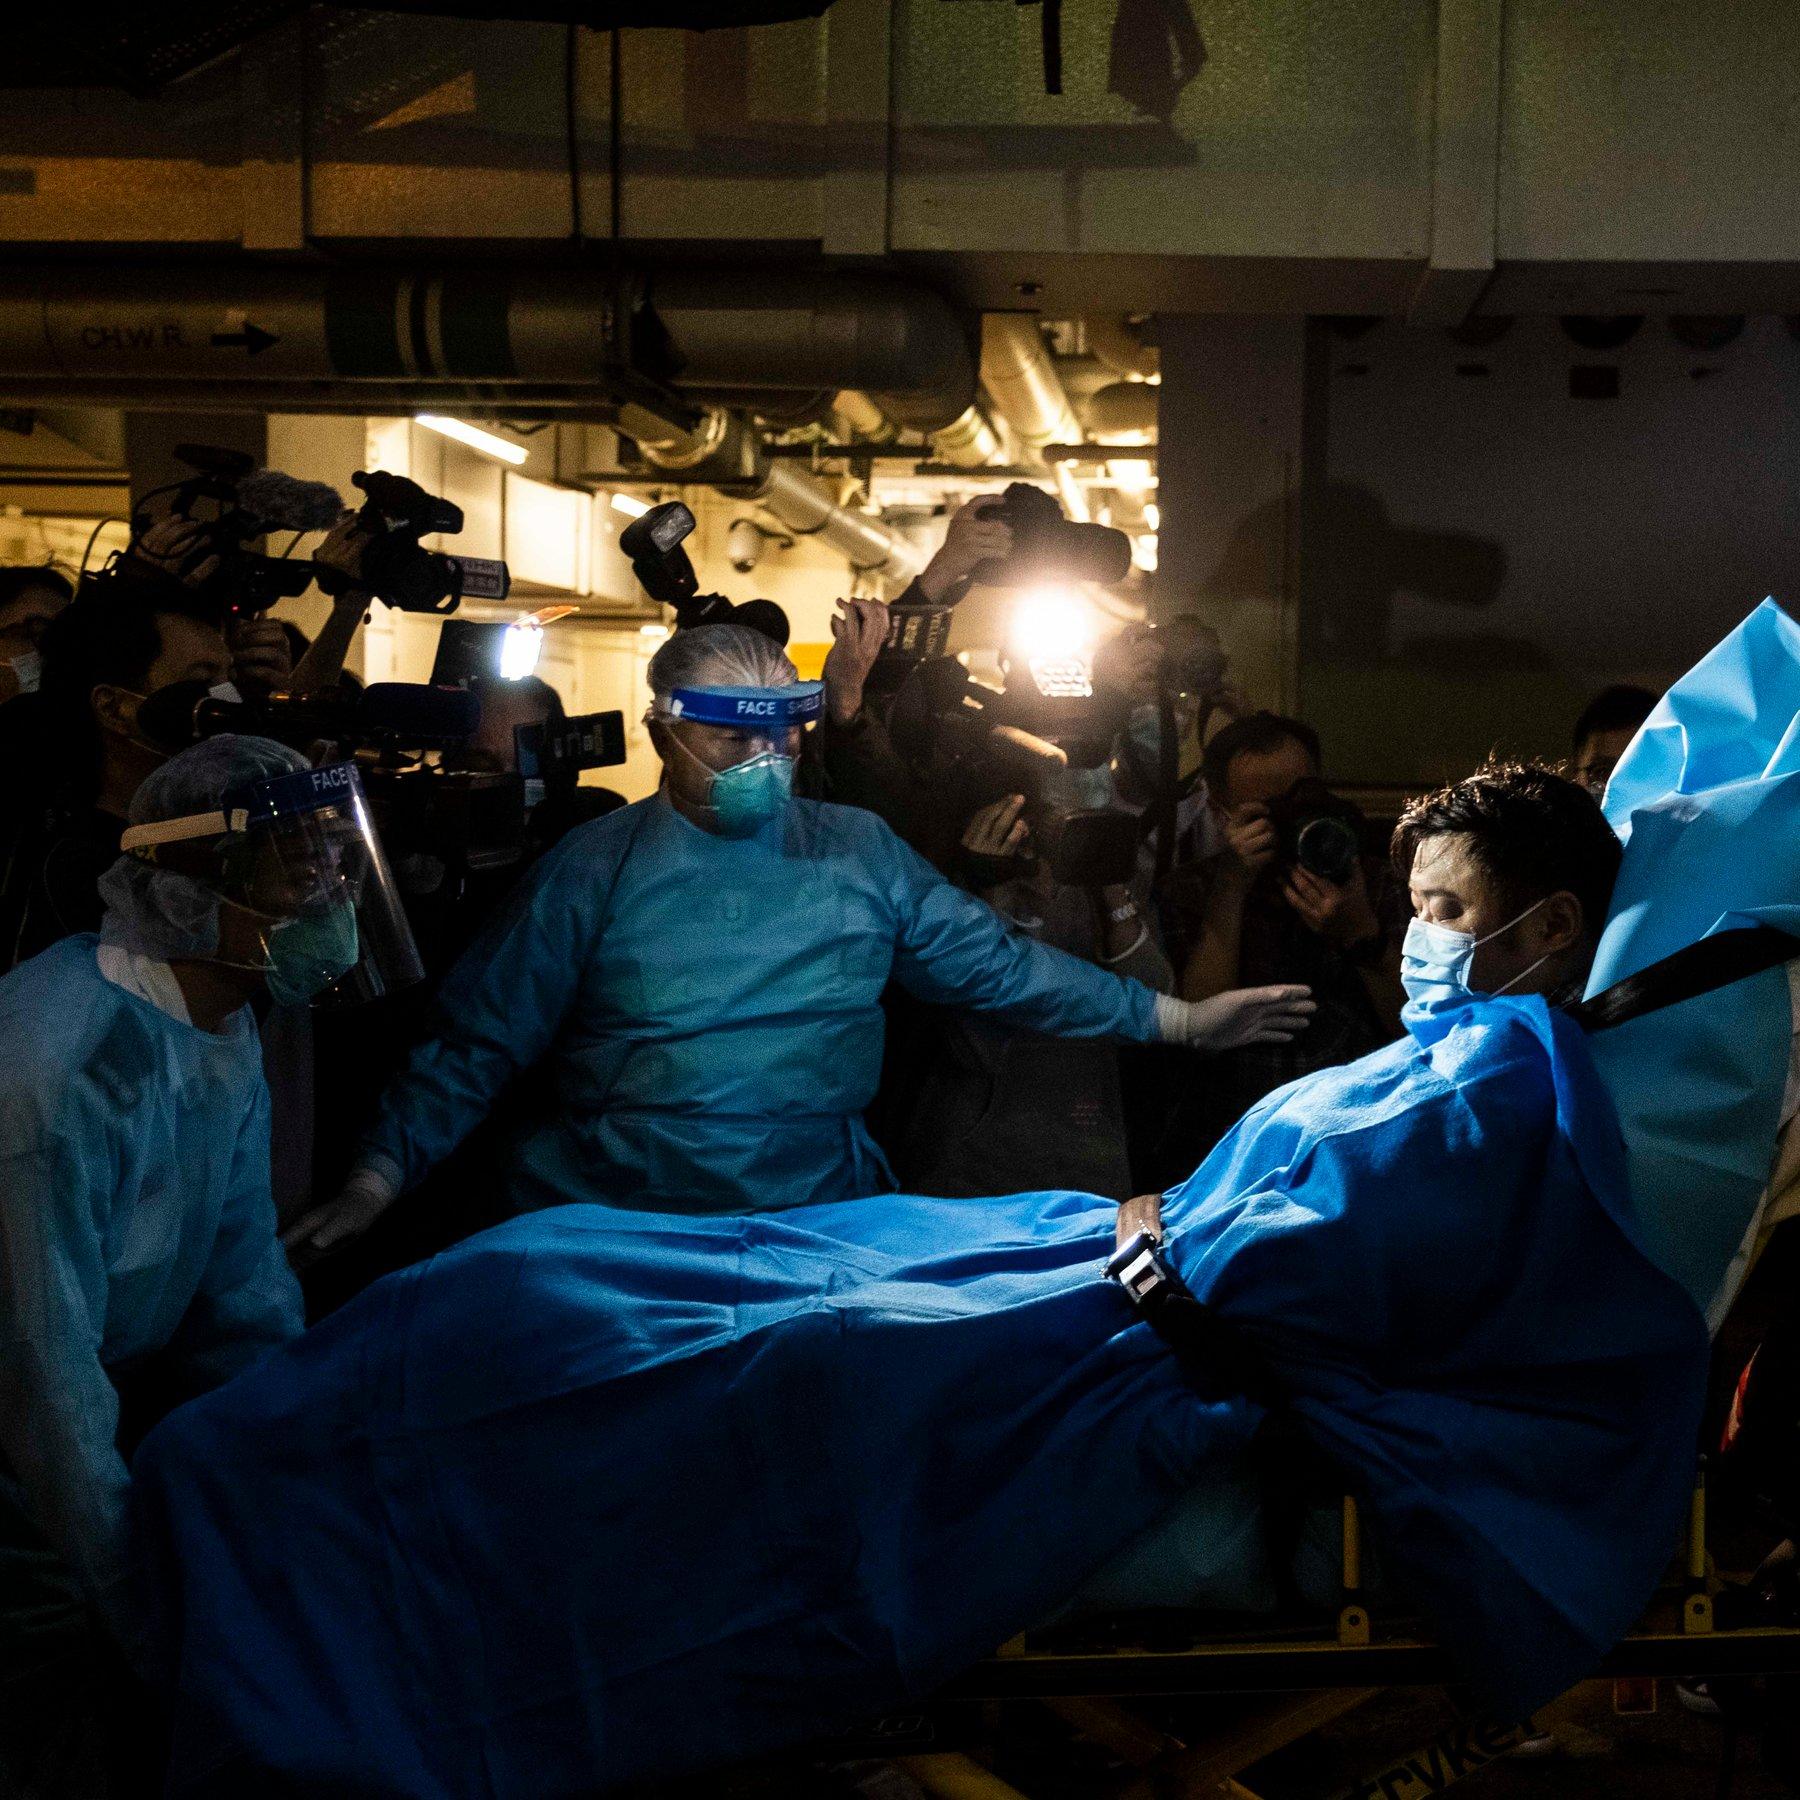 صورة فتوى بتحويل المساجد إلى مستشفيات مؤقتة